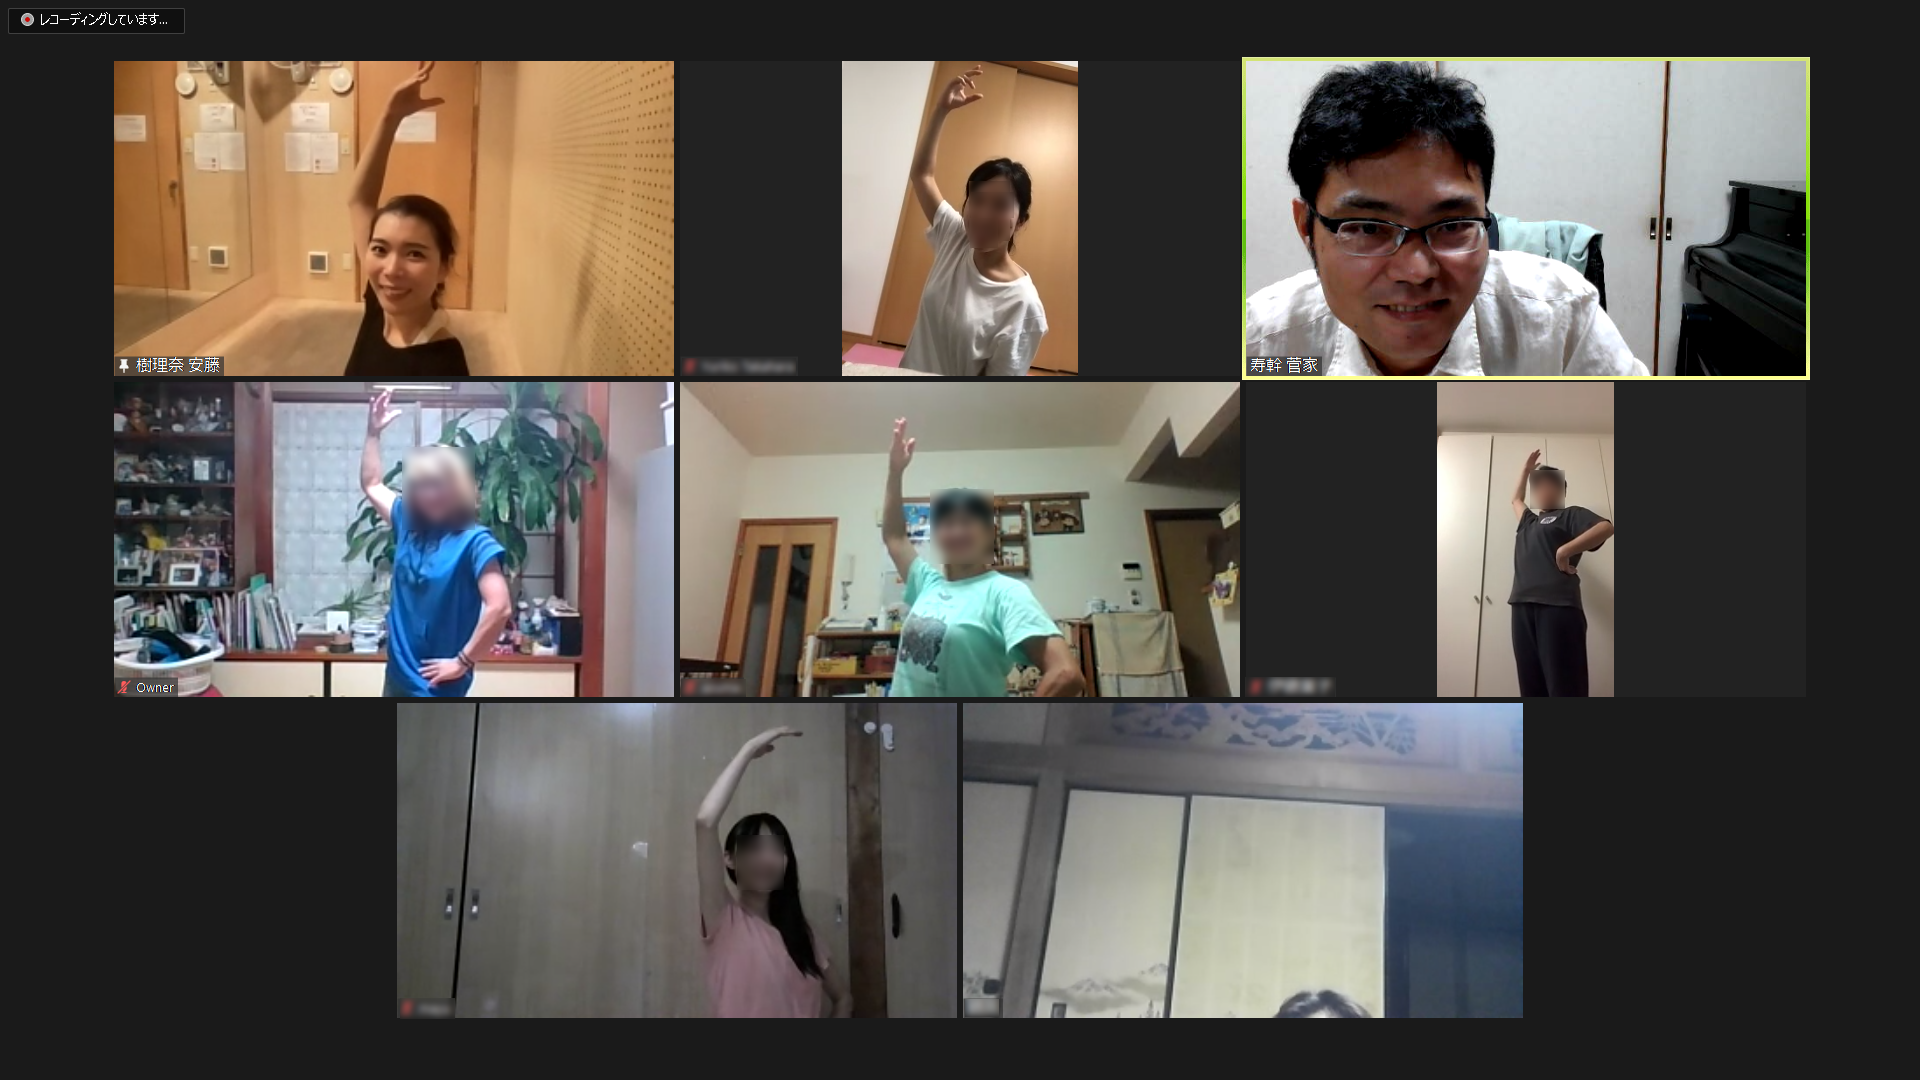 第1回目・2回目のオンラインフラメンコ講習会を開催しました